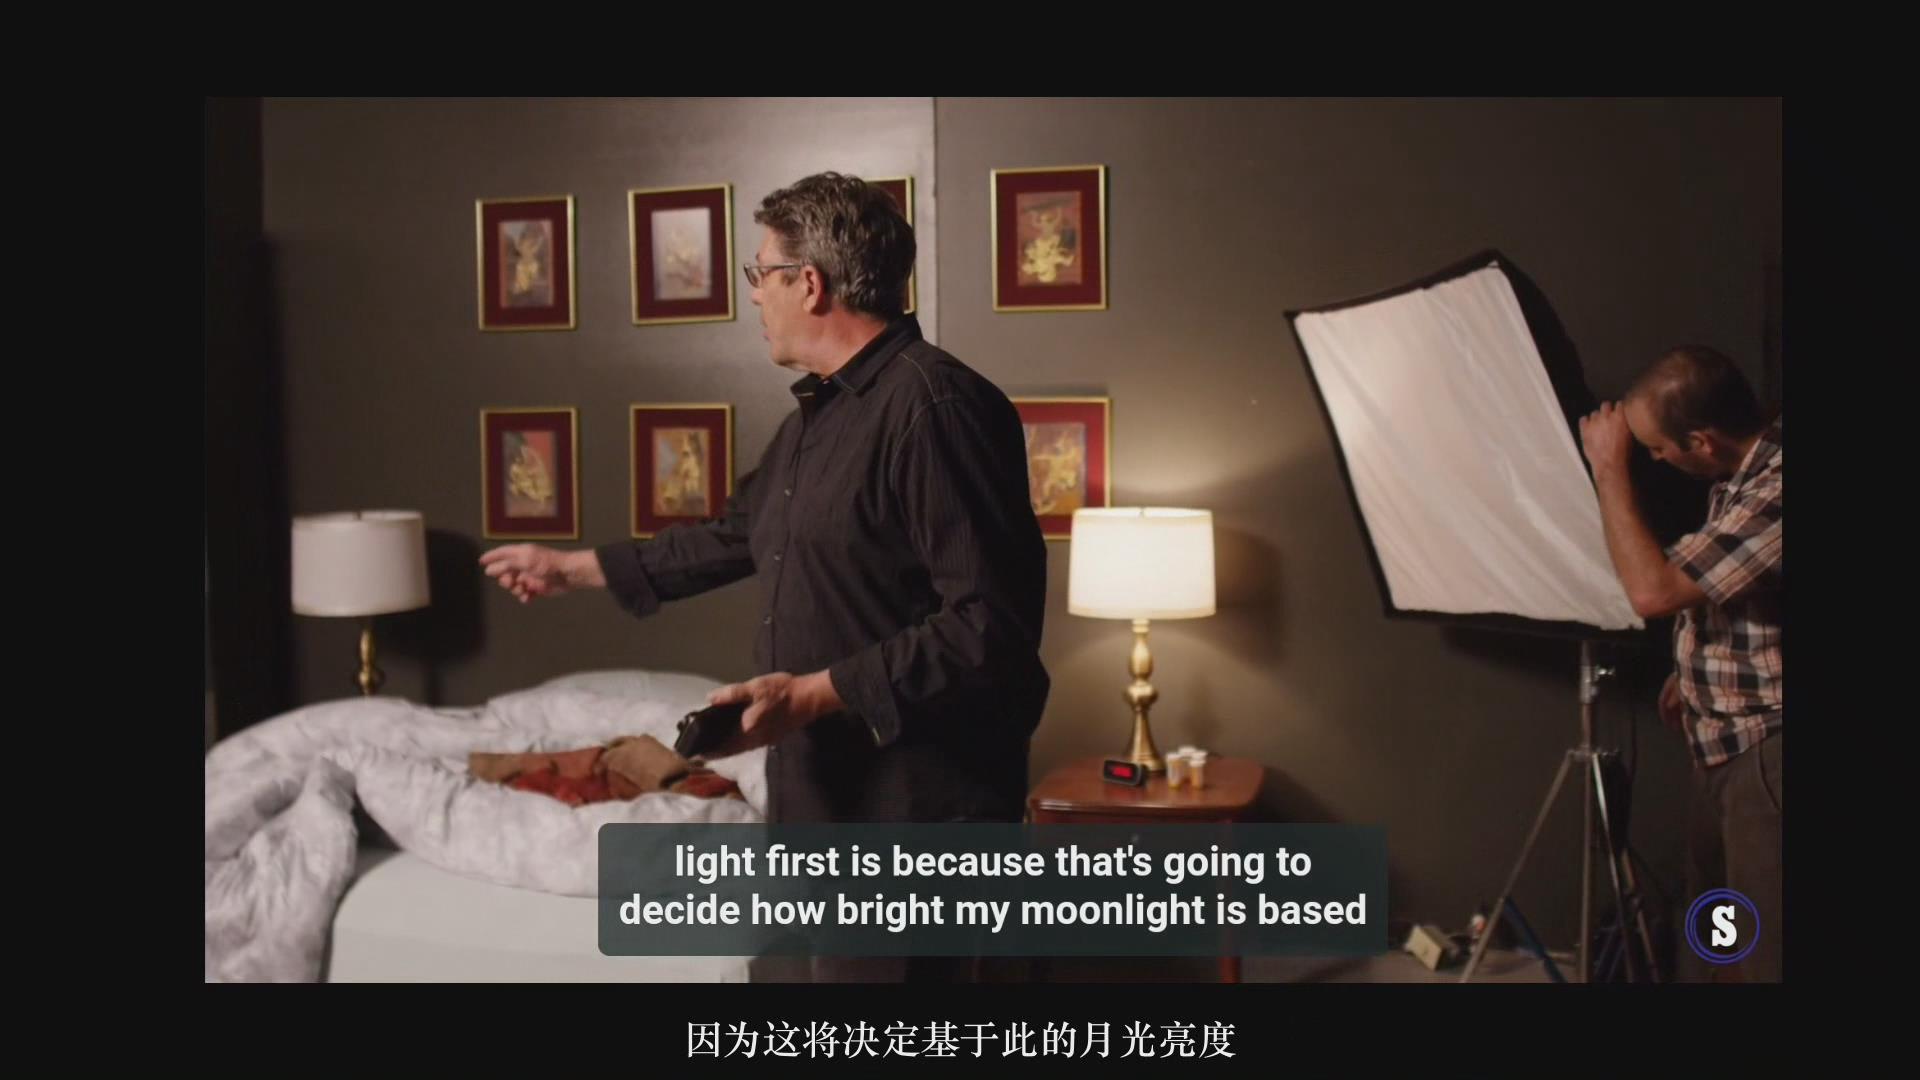 摄影教程_Hurlbut Academy–如何为电影在夜景室内场景布光营造自然外观-中文字幕 摄影教程 _预览图6